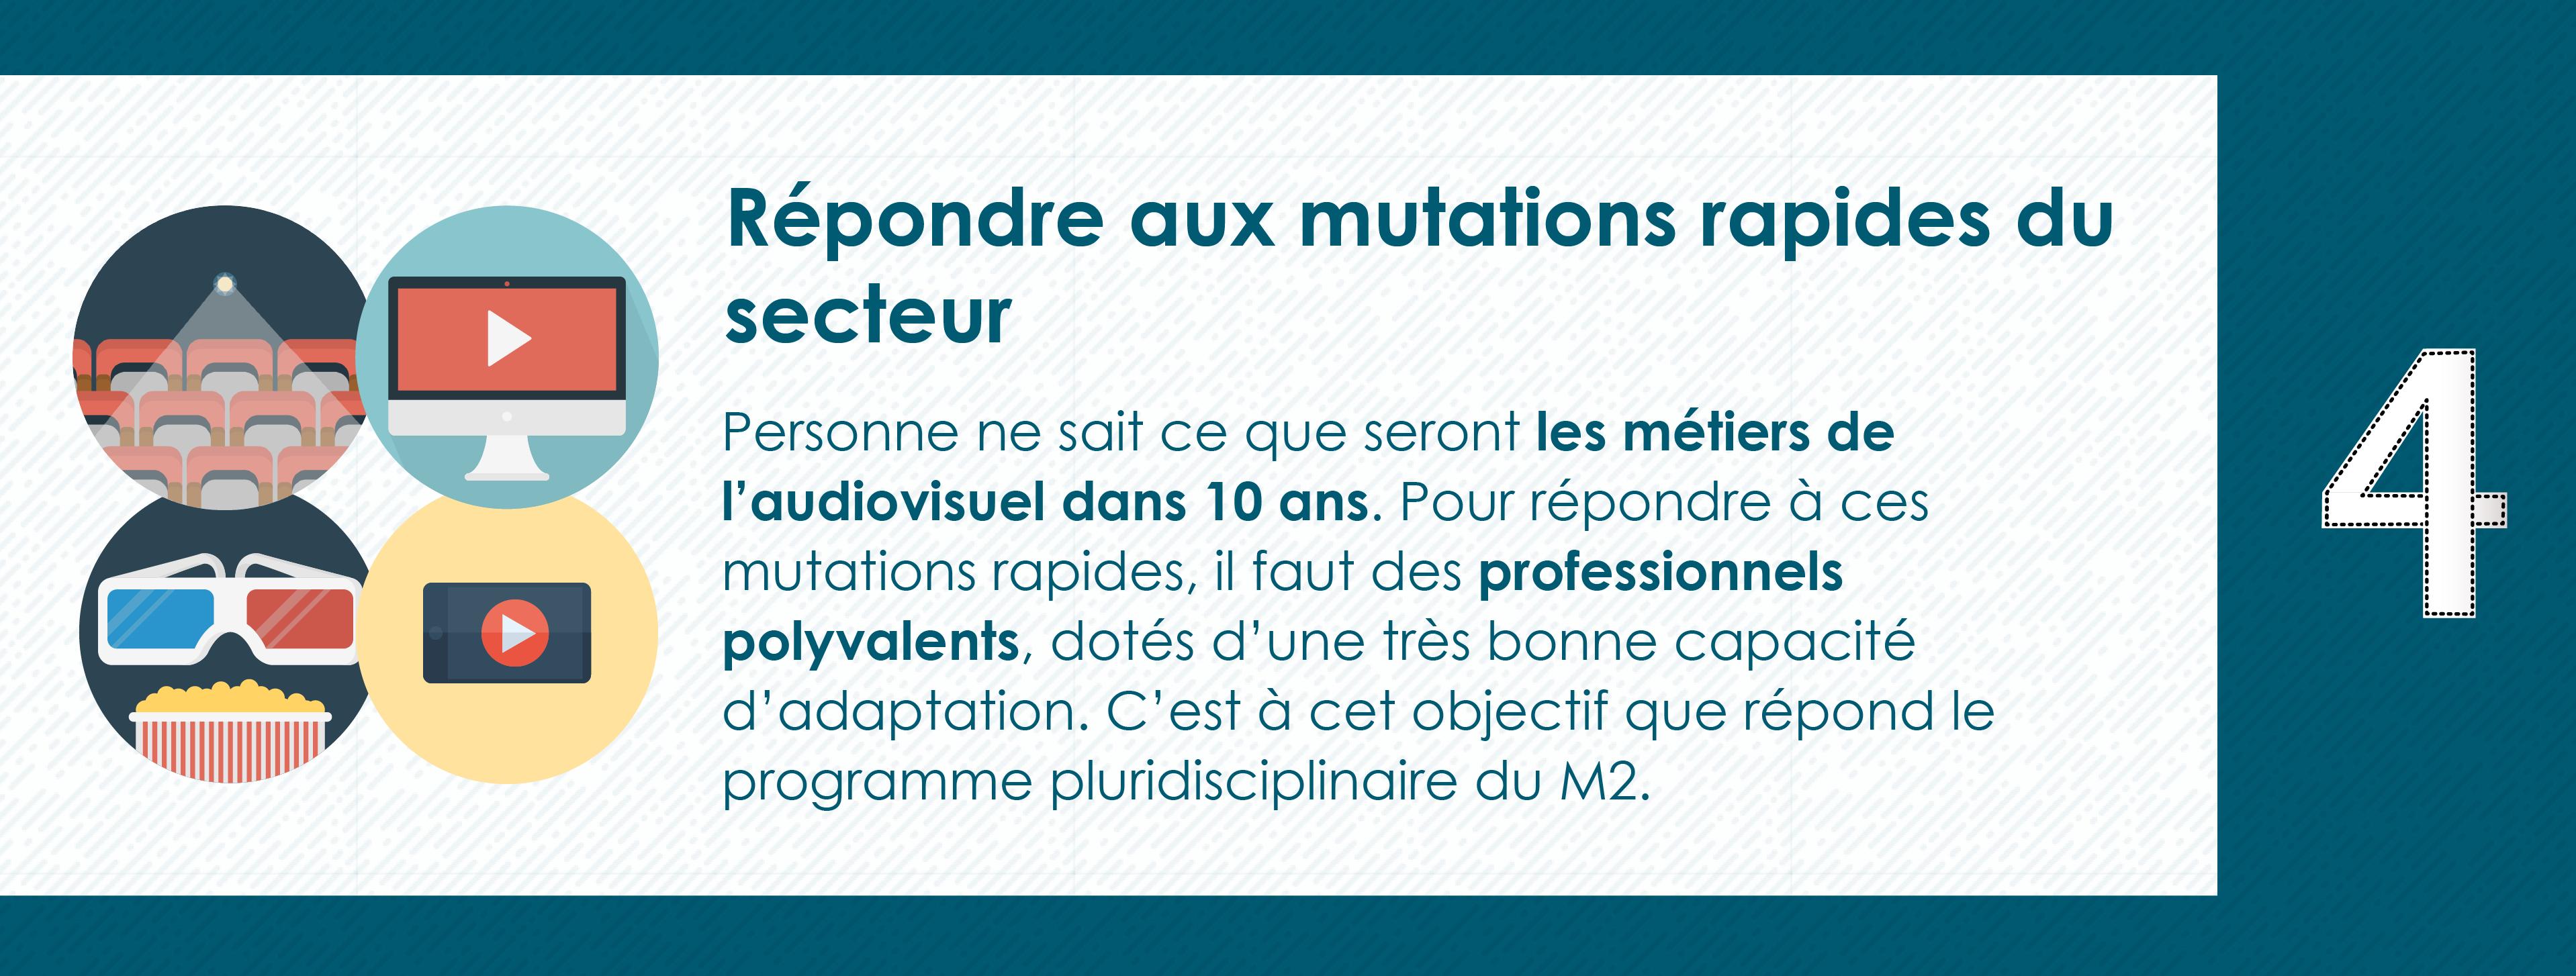 Pourquoi rejoindre le Master 2 Industrie Audiovisuelle de Paris 8 - Préparation aux mutations rapides du secteur